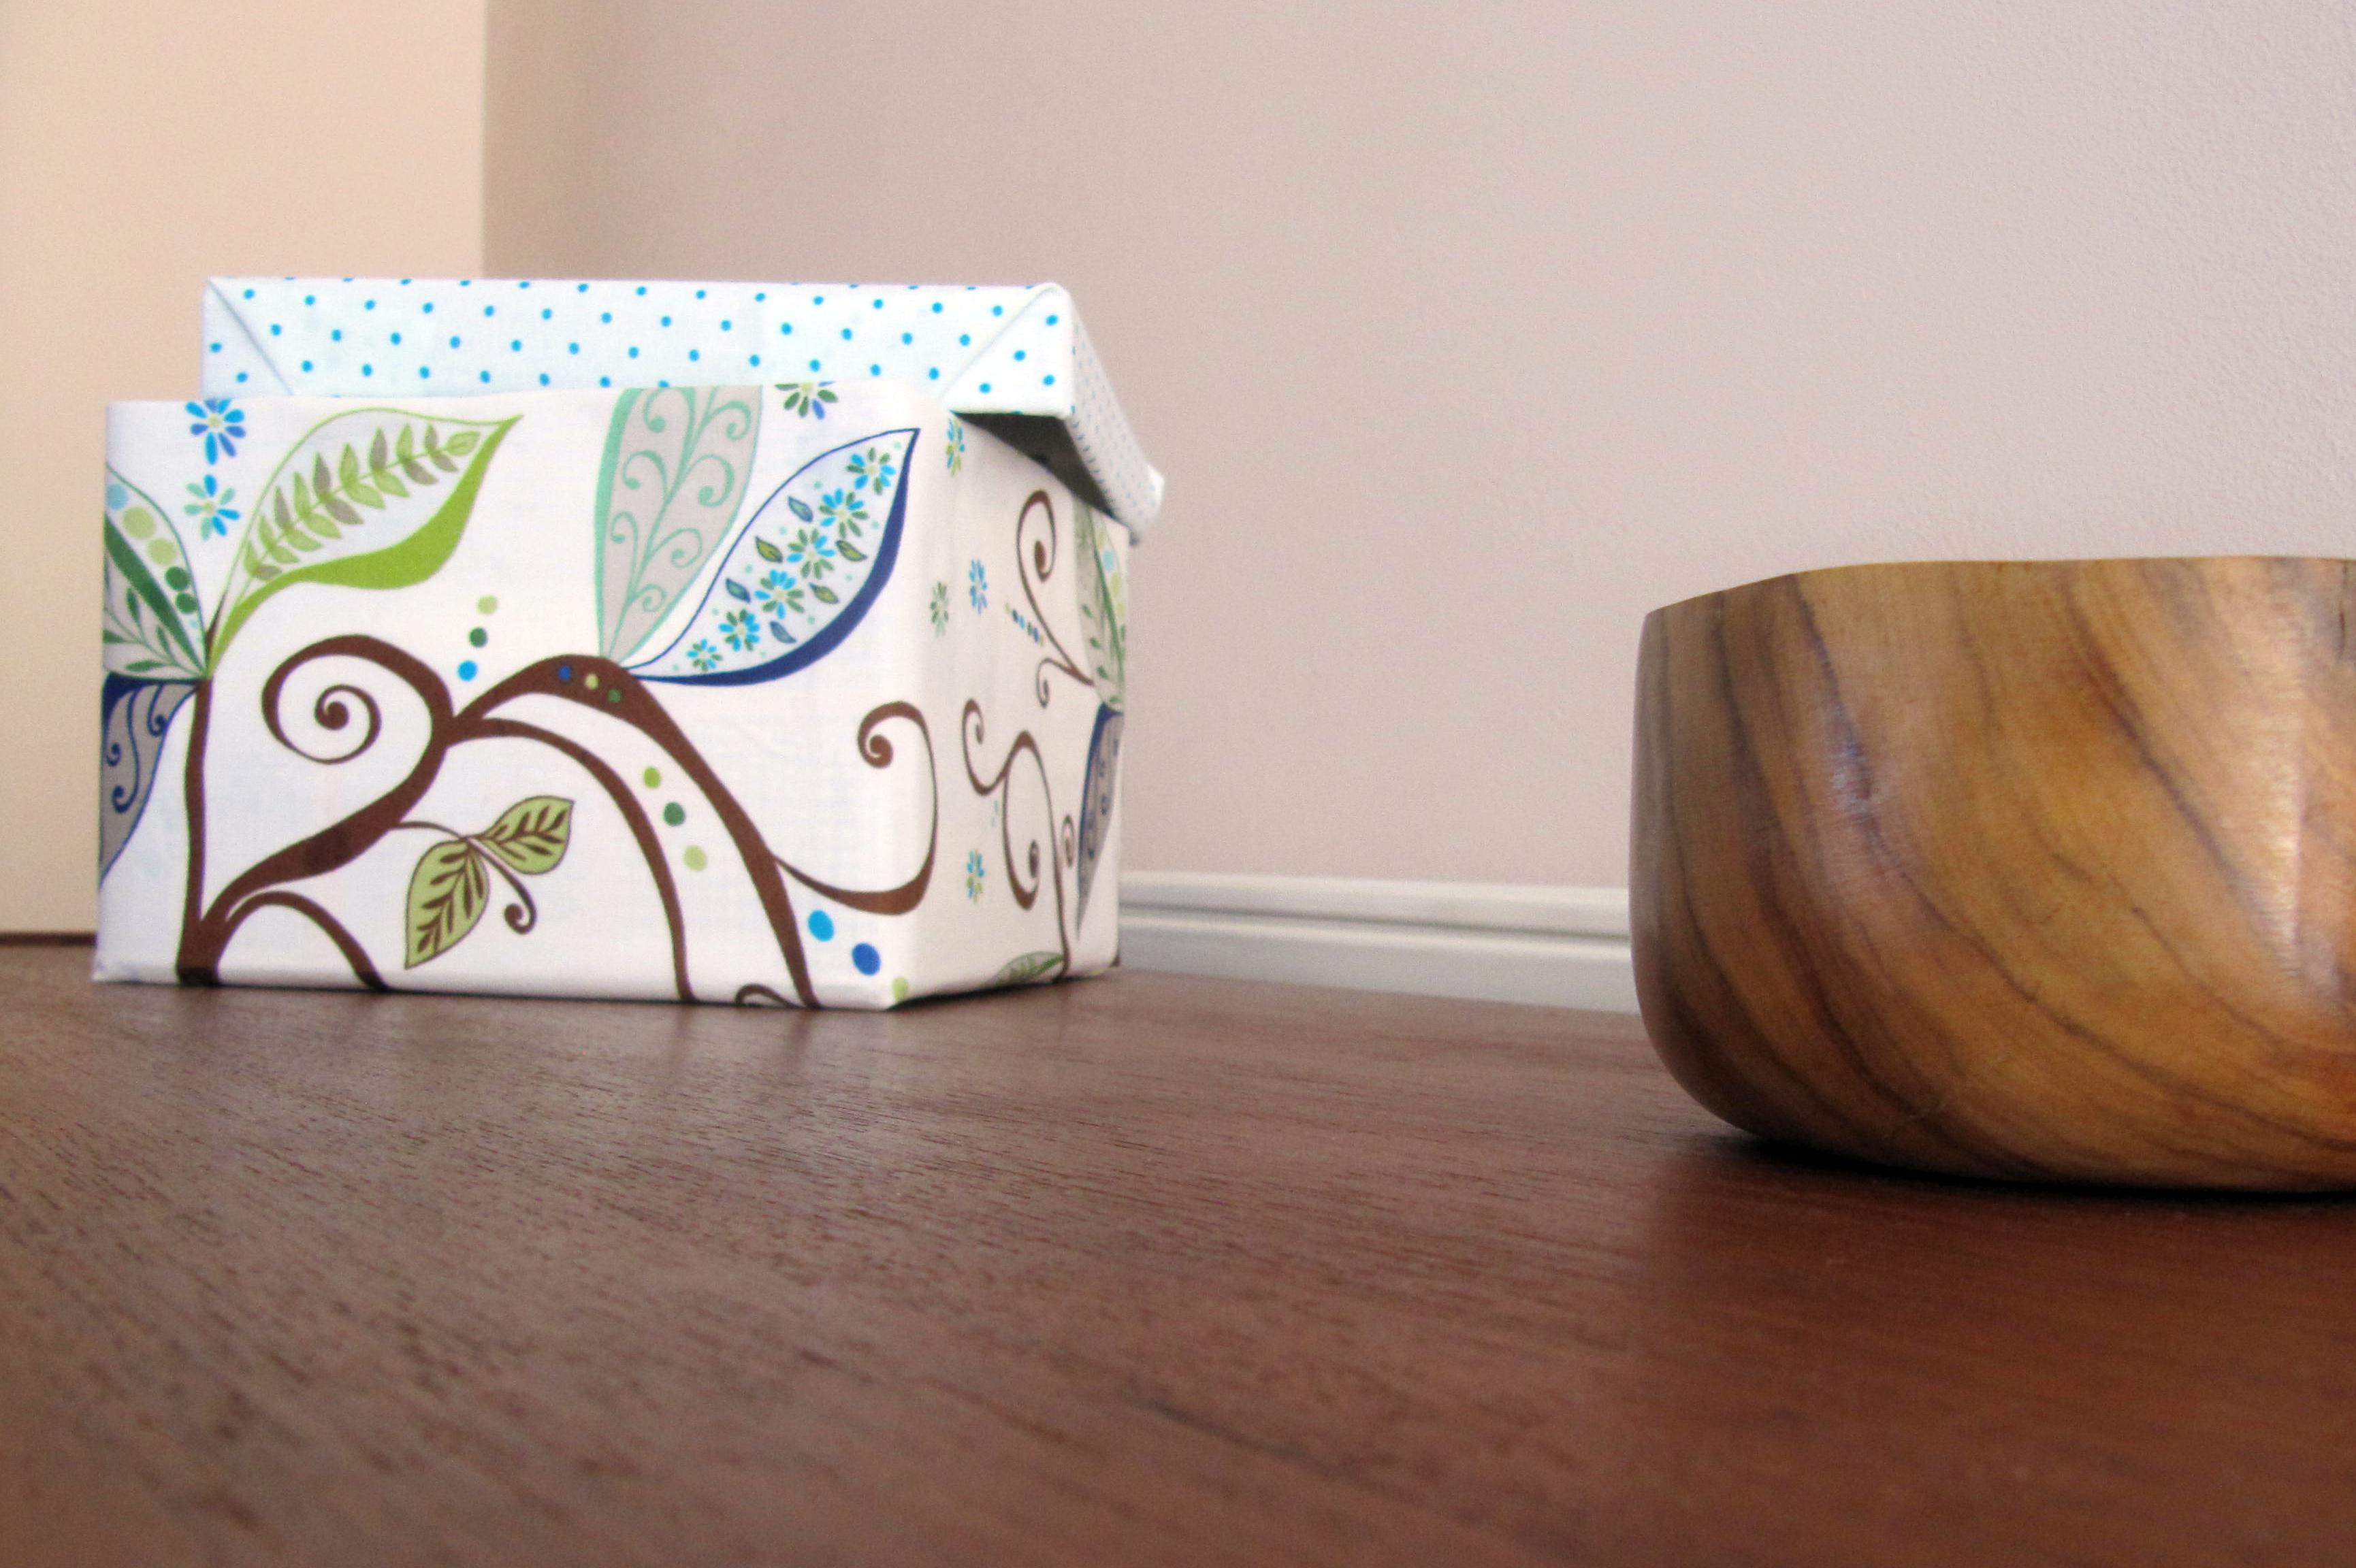 kleine momente kalender diy ewiger kalender selbermachen. Black Bedroom Furniture Sets. Home Design Ideas